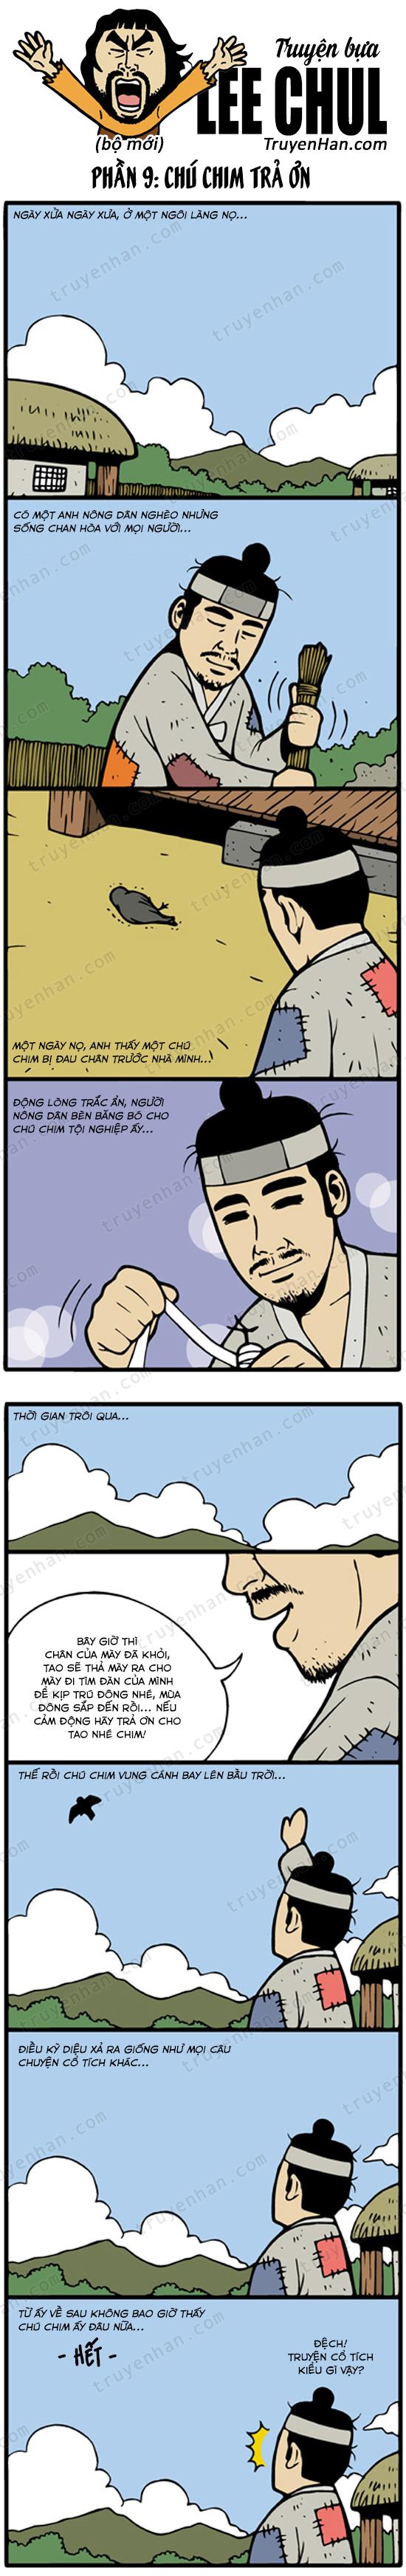 Lee Chul (bộ mới) phần 9: Chú chim trả ơn